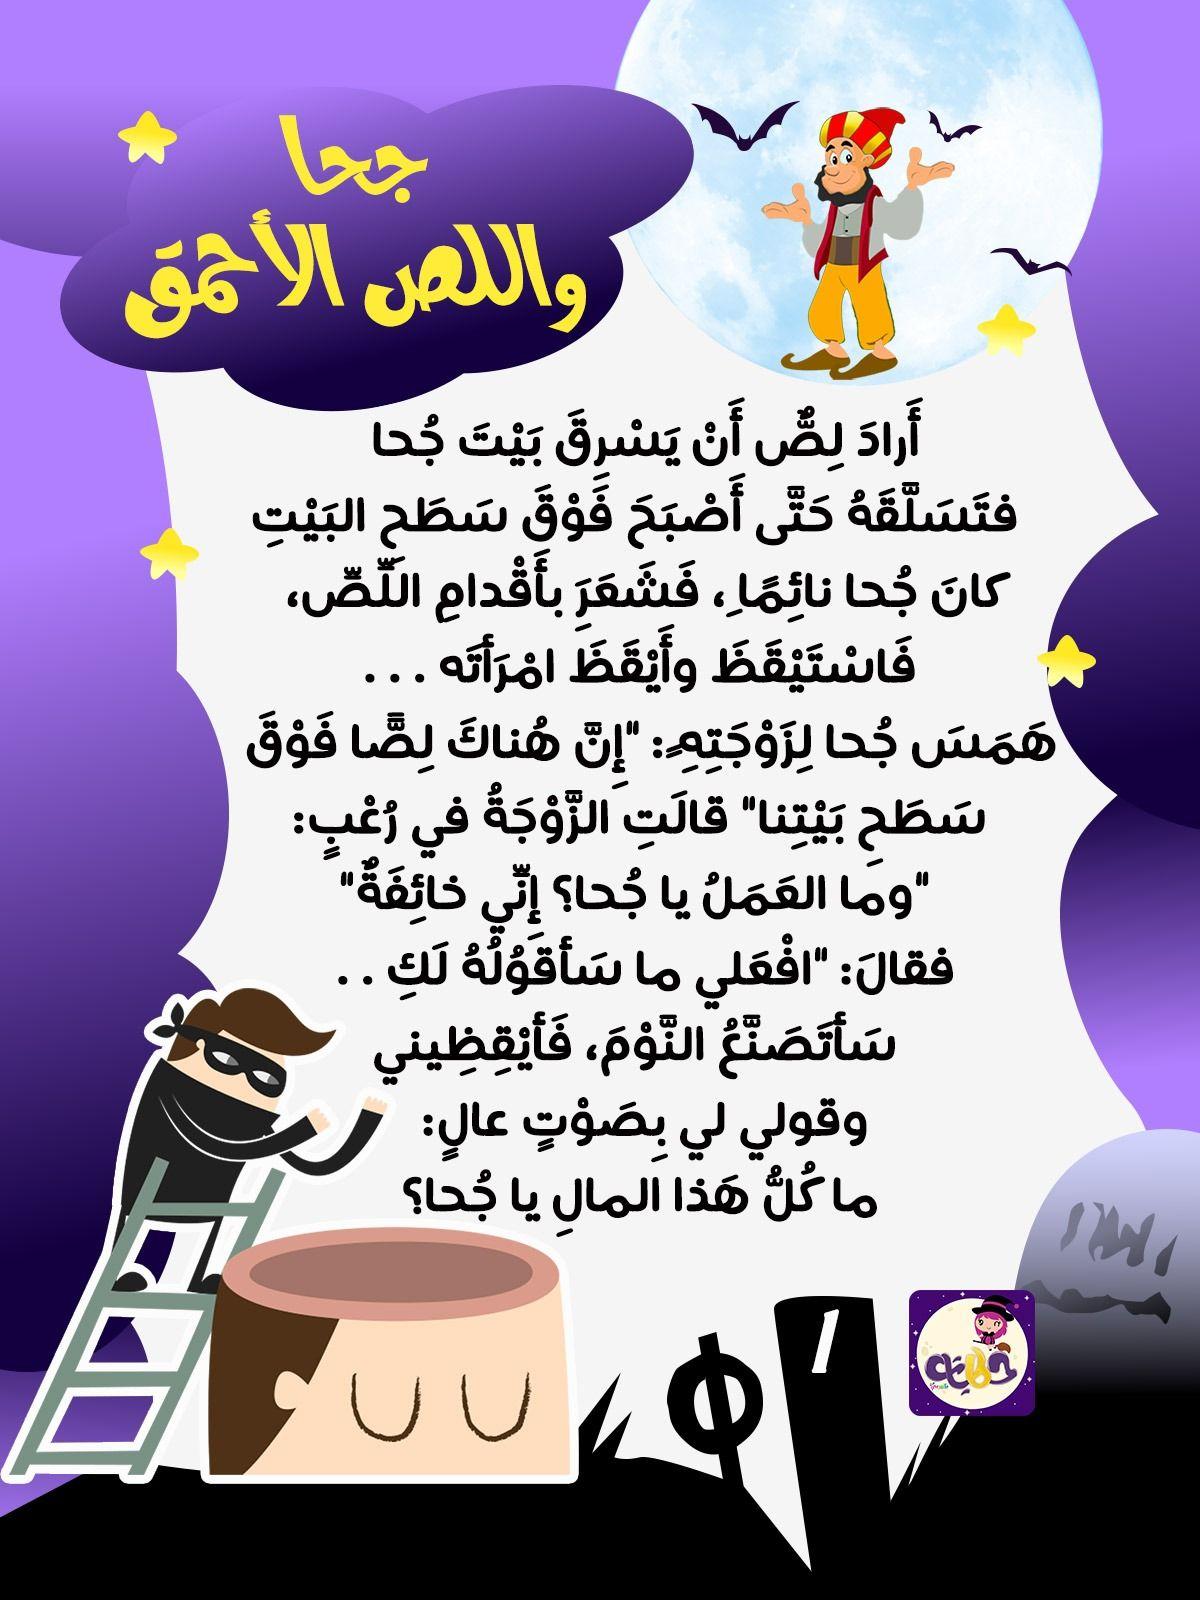 قصة جحا واللص الأحمق بتطبيق قصص وحكايات بالعربي نوادر جحا للاطفال Teacher Movie Posters